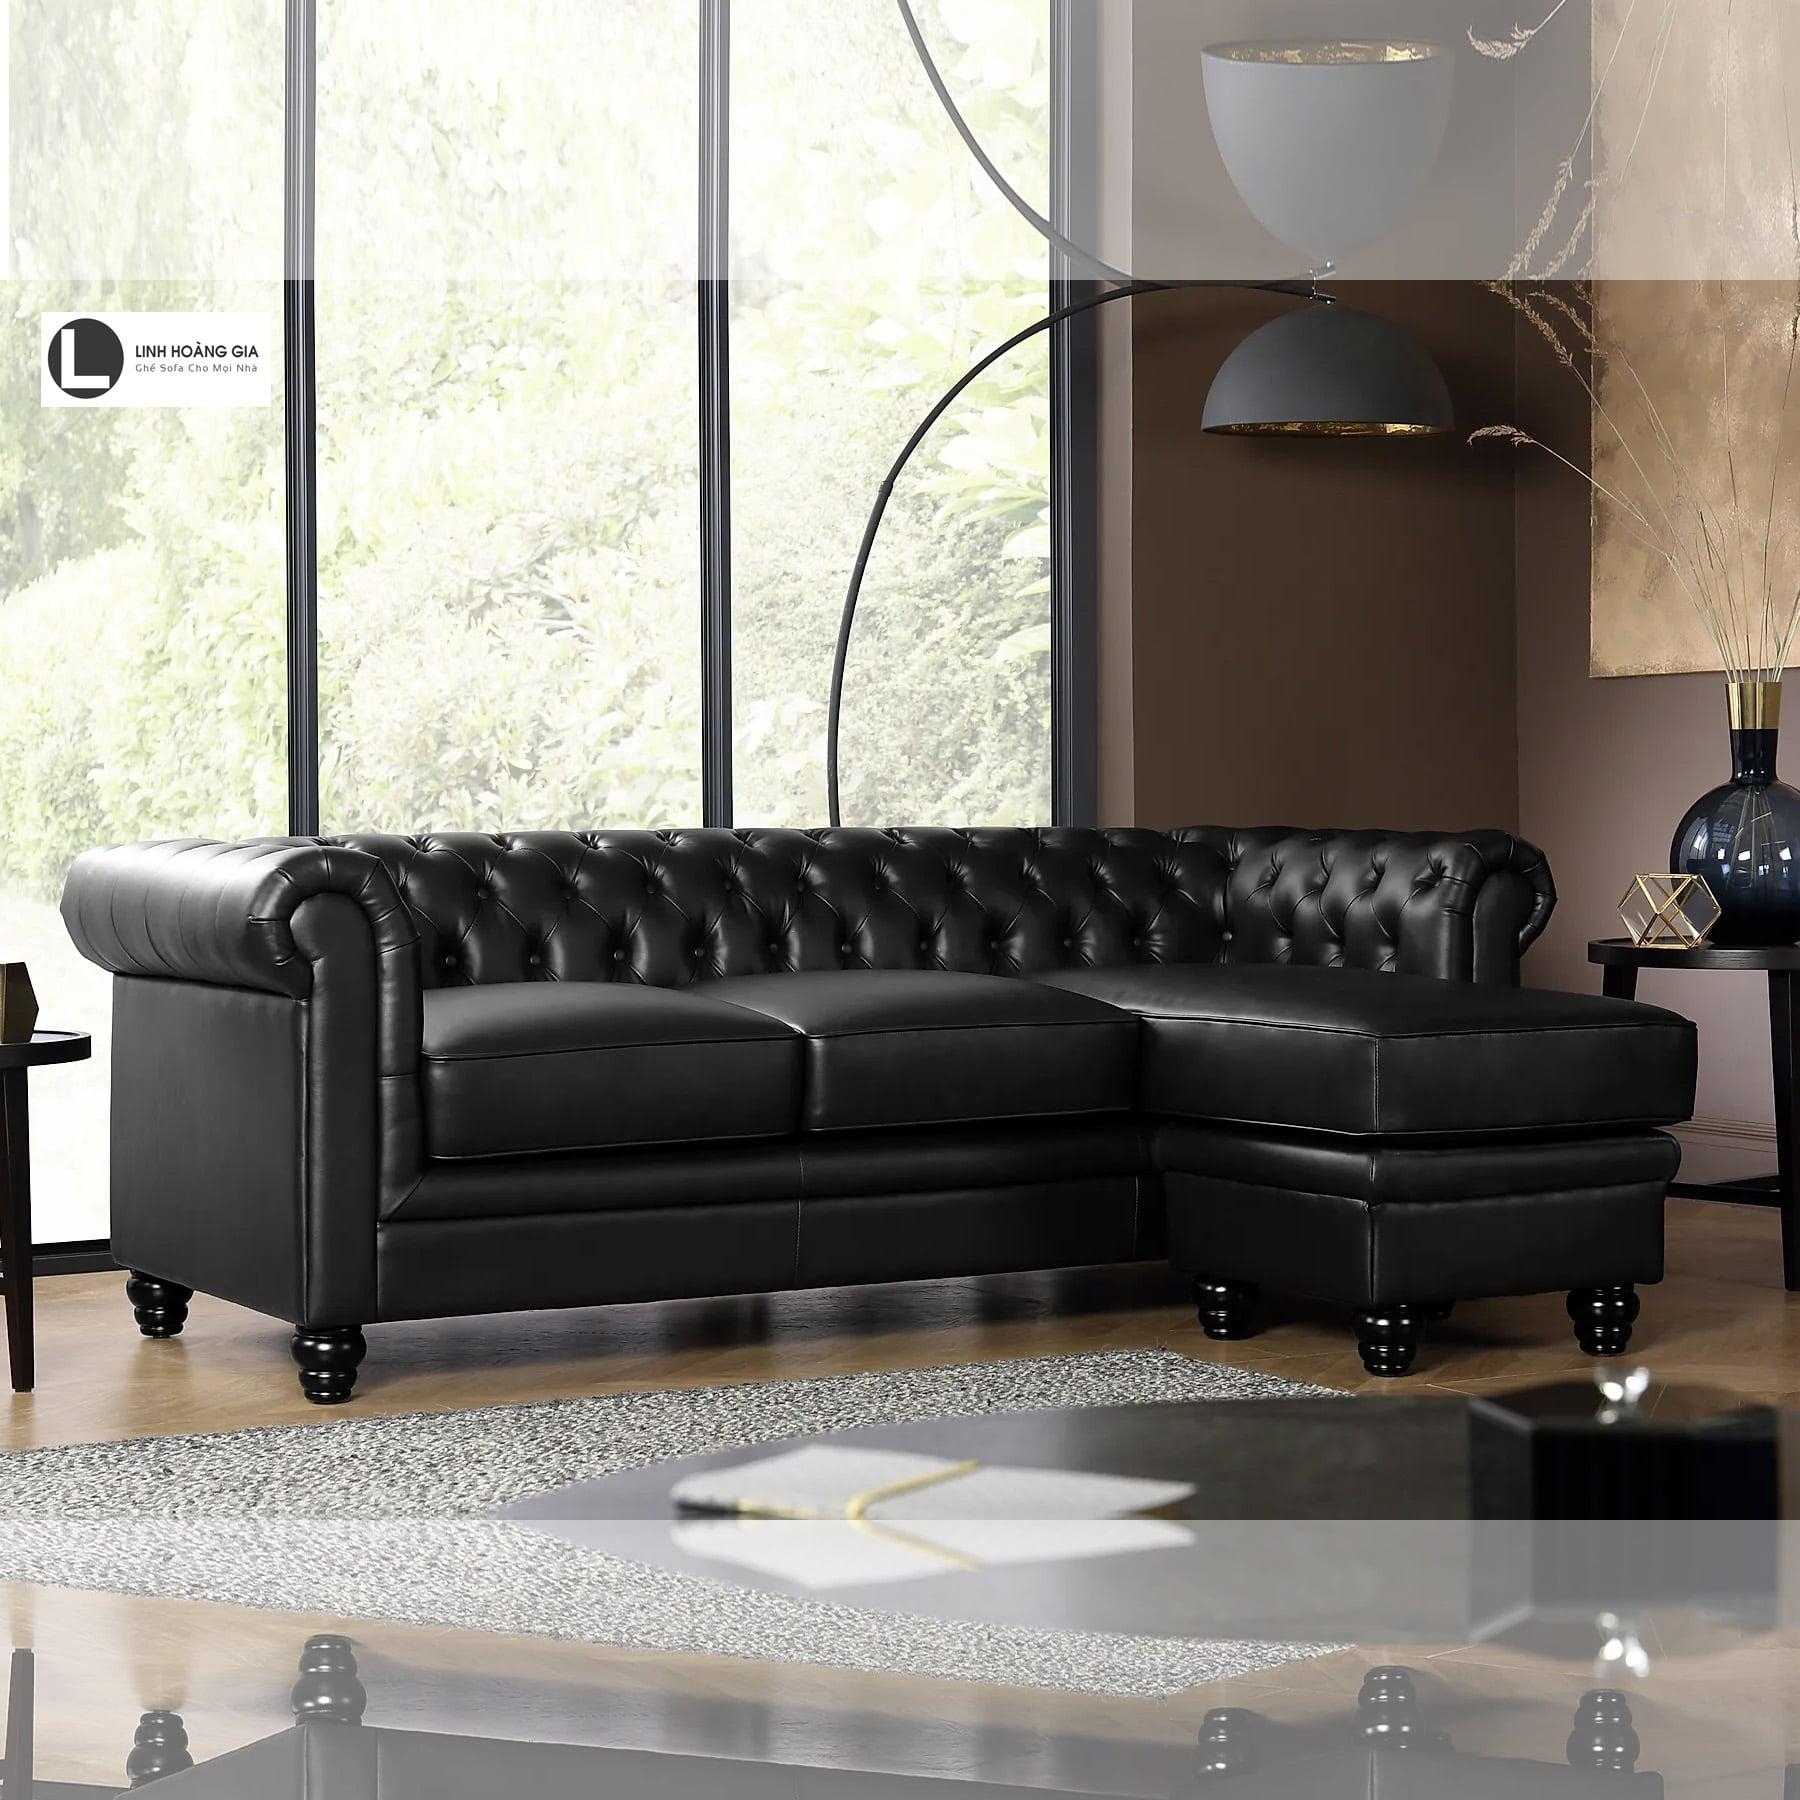 Sofa cổ điển cao cấp LC-08